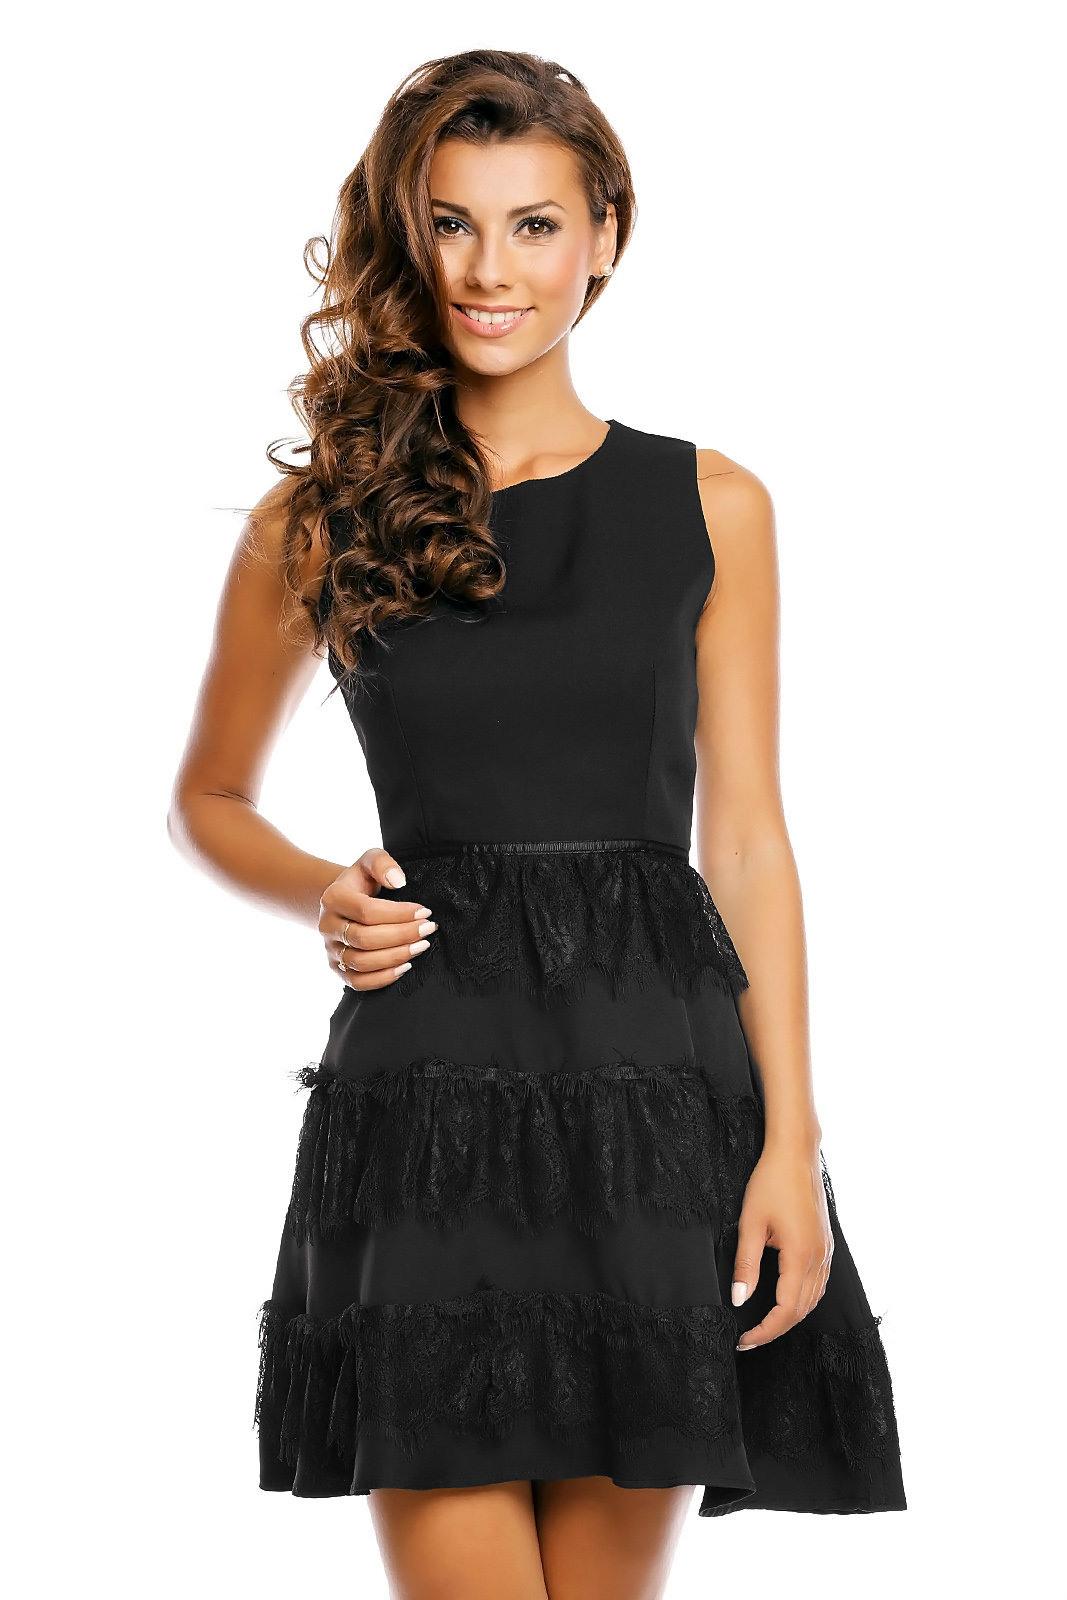 Damen Kleid Sommerkleider Cocktailkleid Partykleid